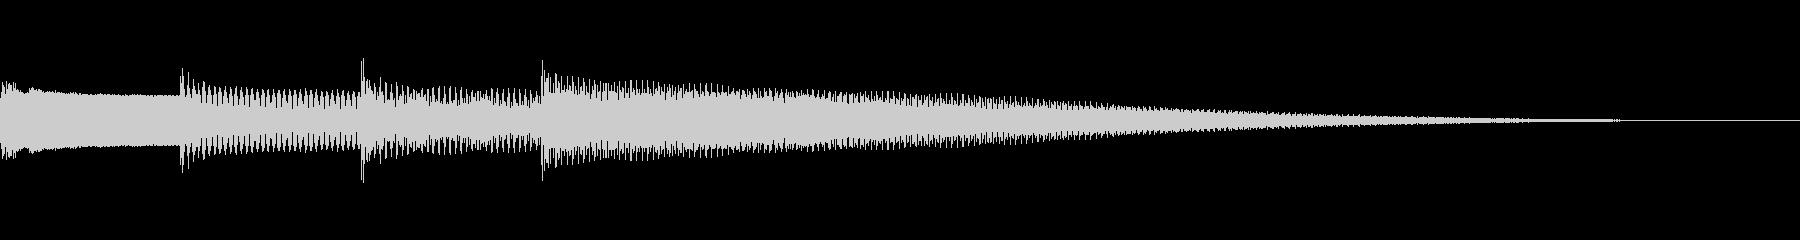 アナウンス 放送 ピンポンパンポン 開始の未再生の波形